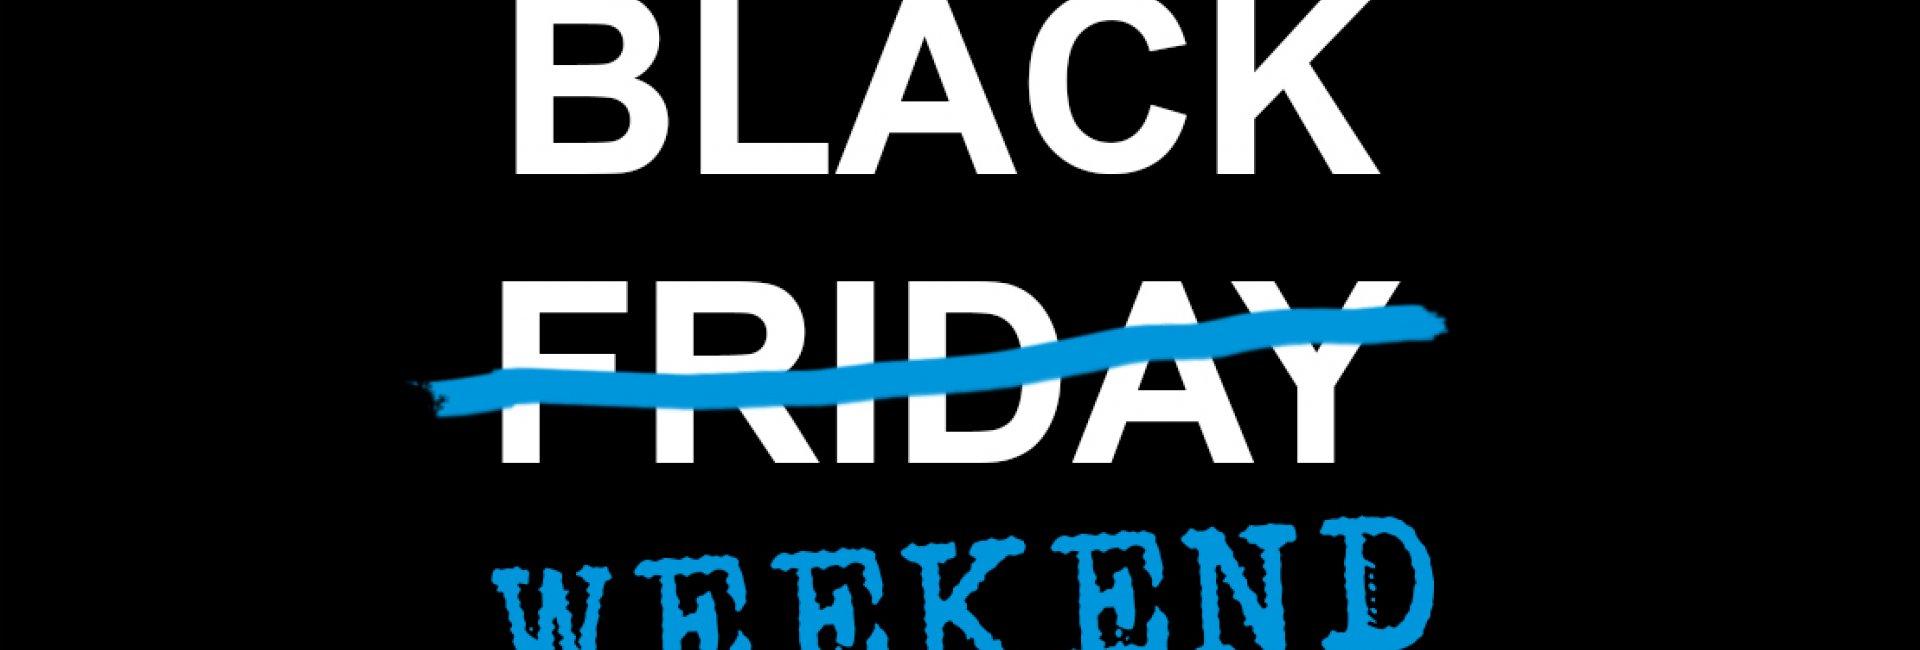 BLACK WEEKEND -30%